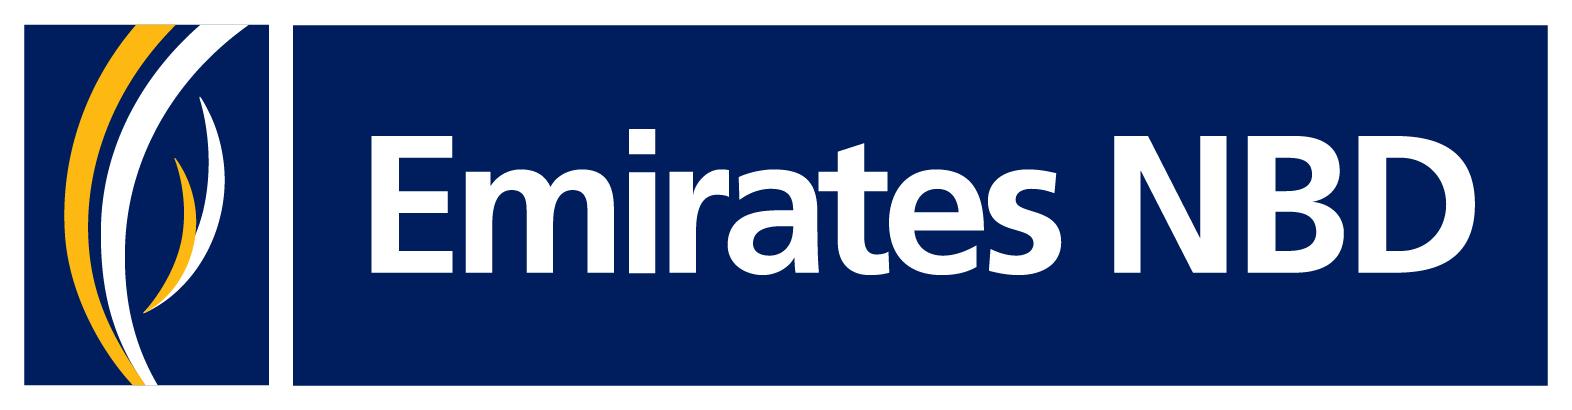 Emirates NBD Logo png